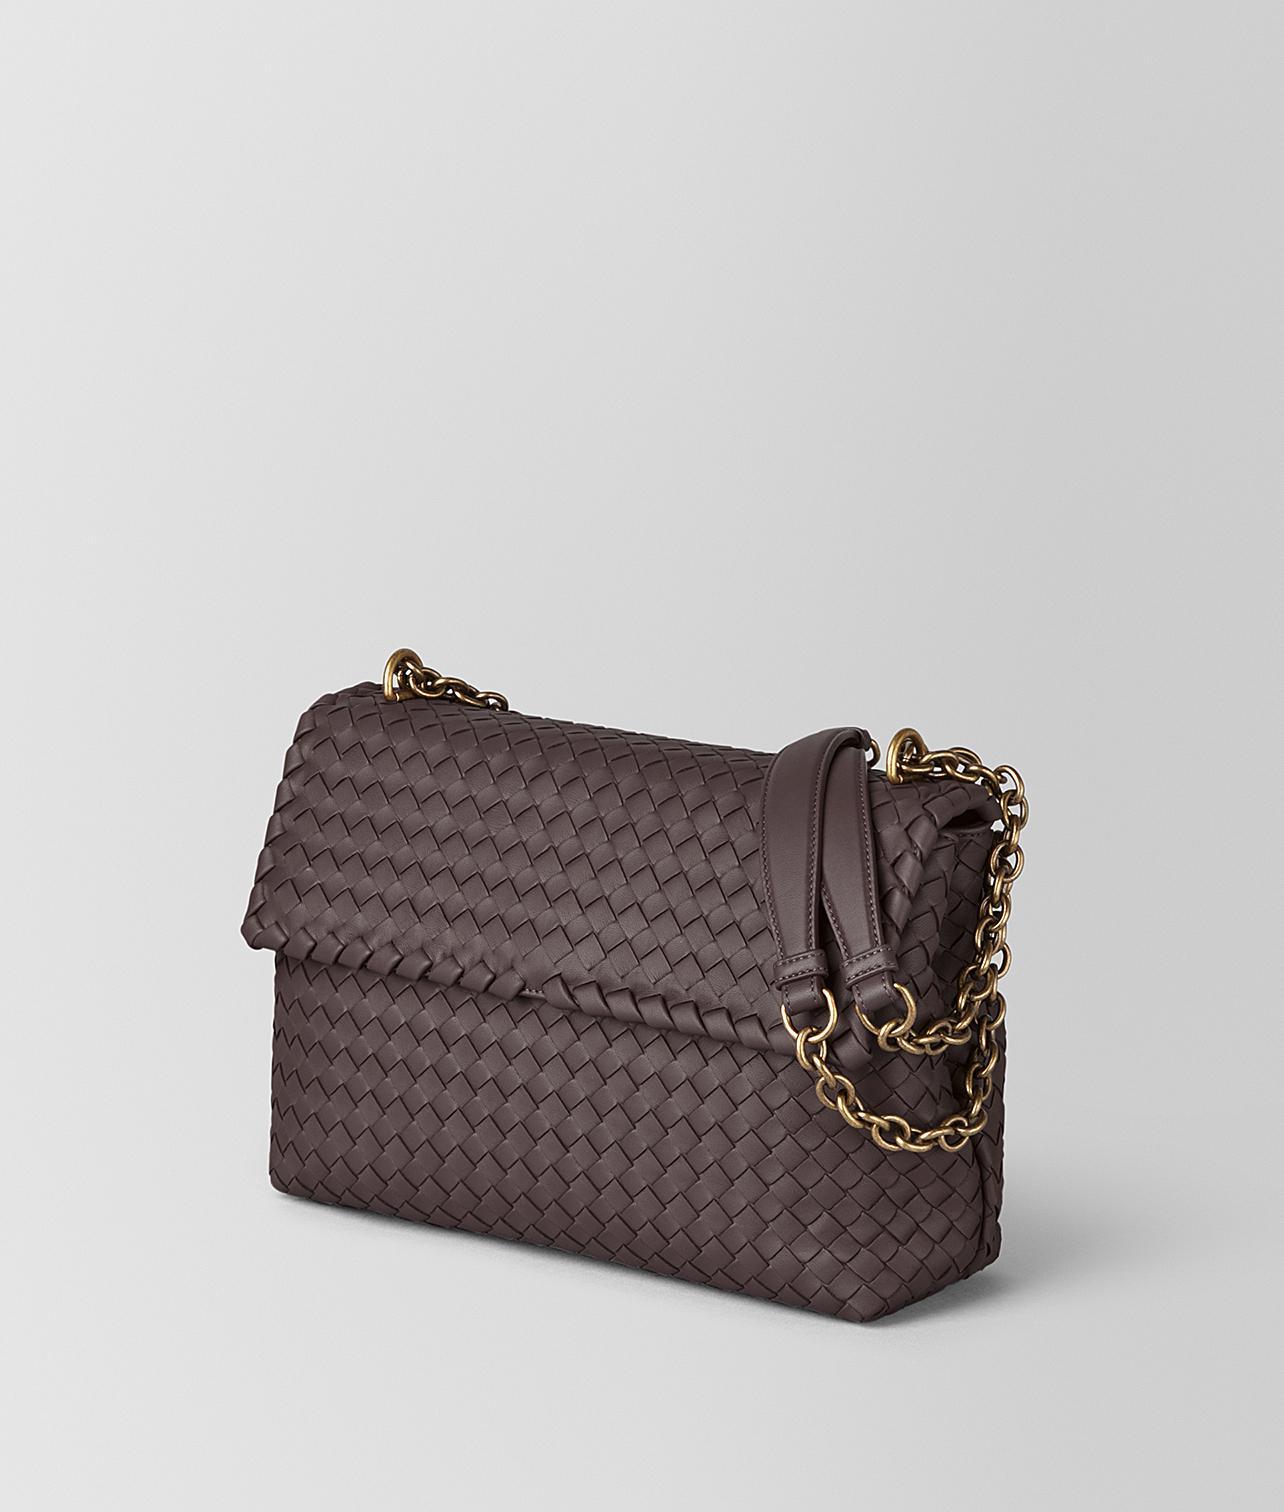 536a70334e6e Lyst - Bottega Veneta Large Olimpia Bag in Brown